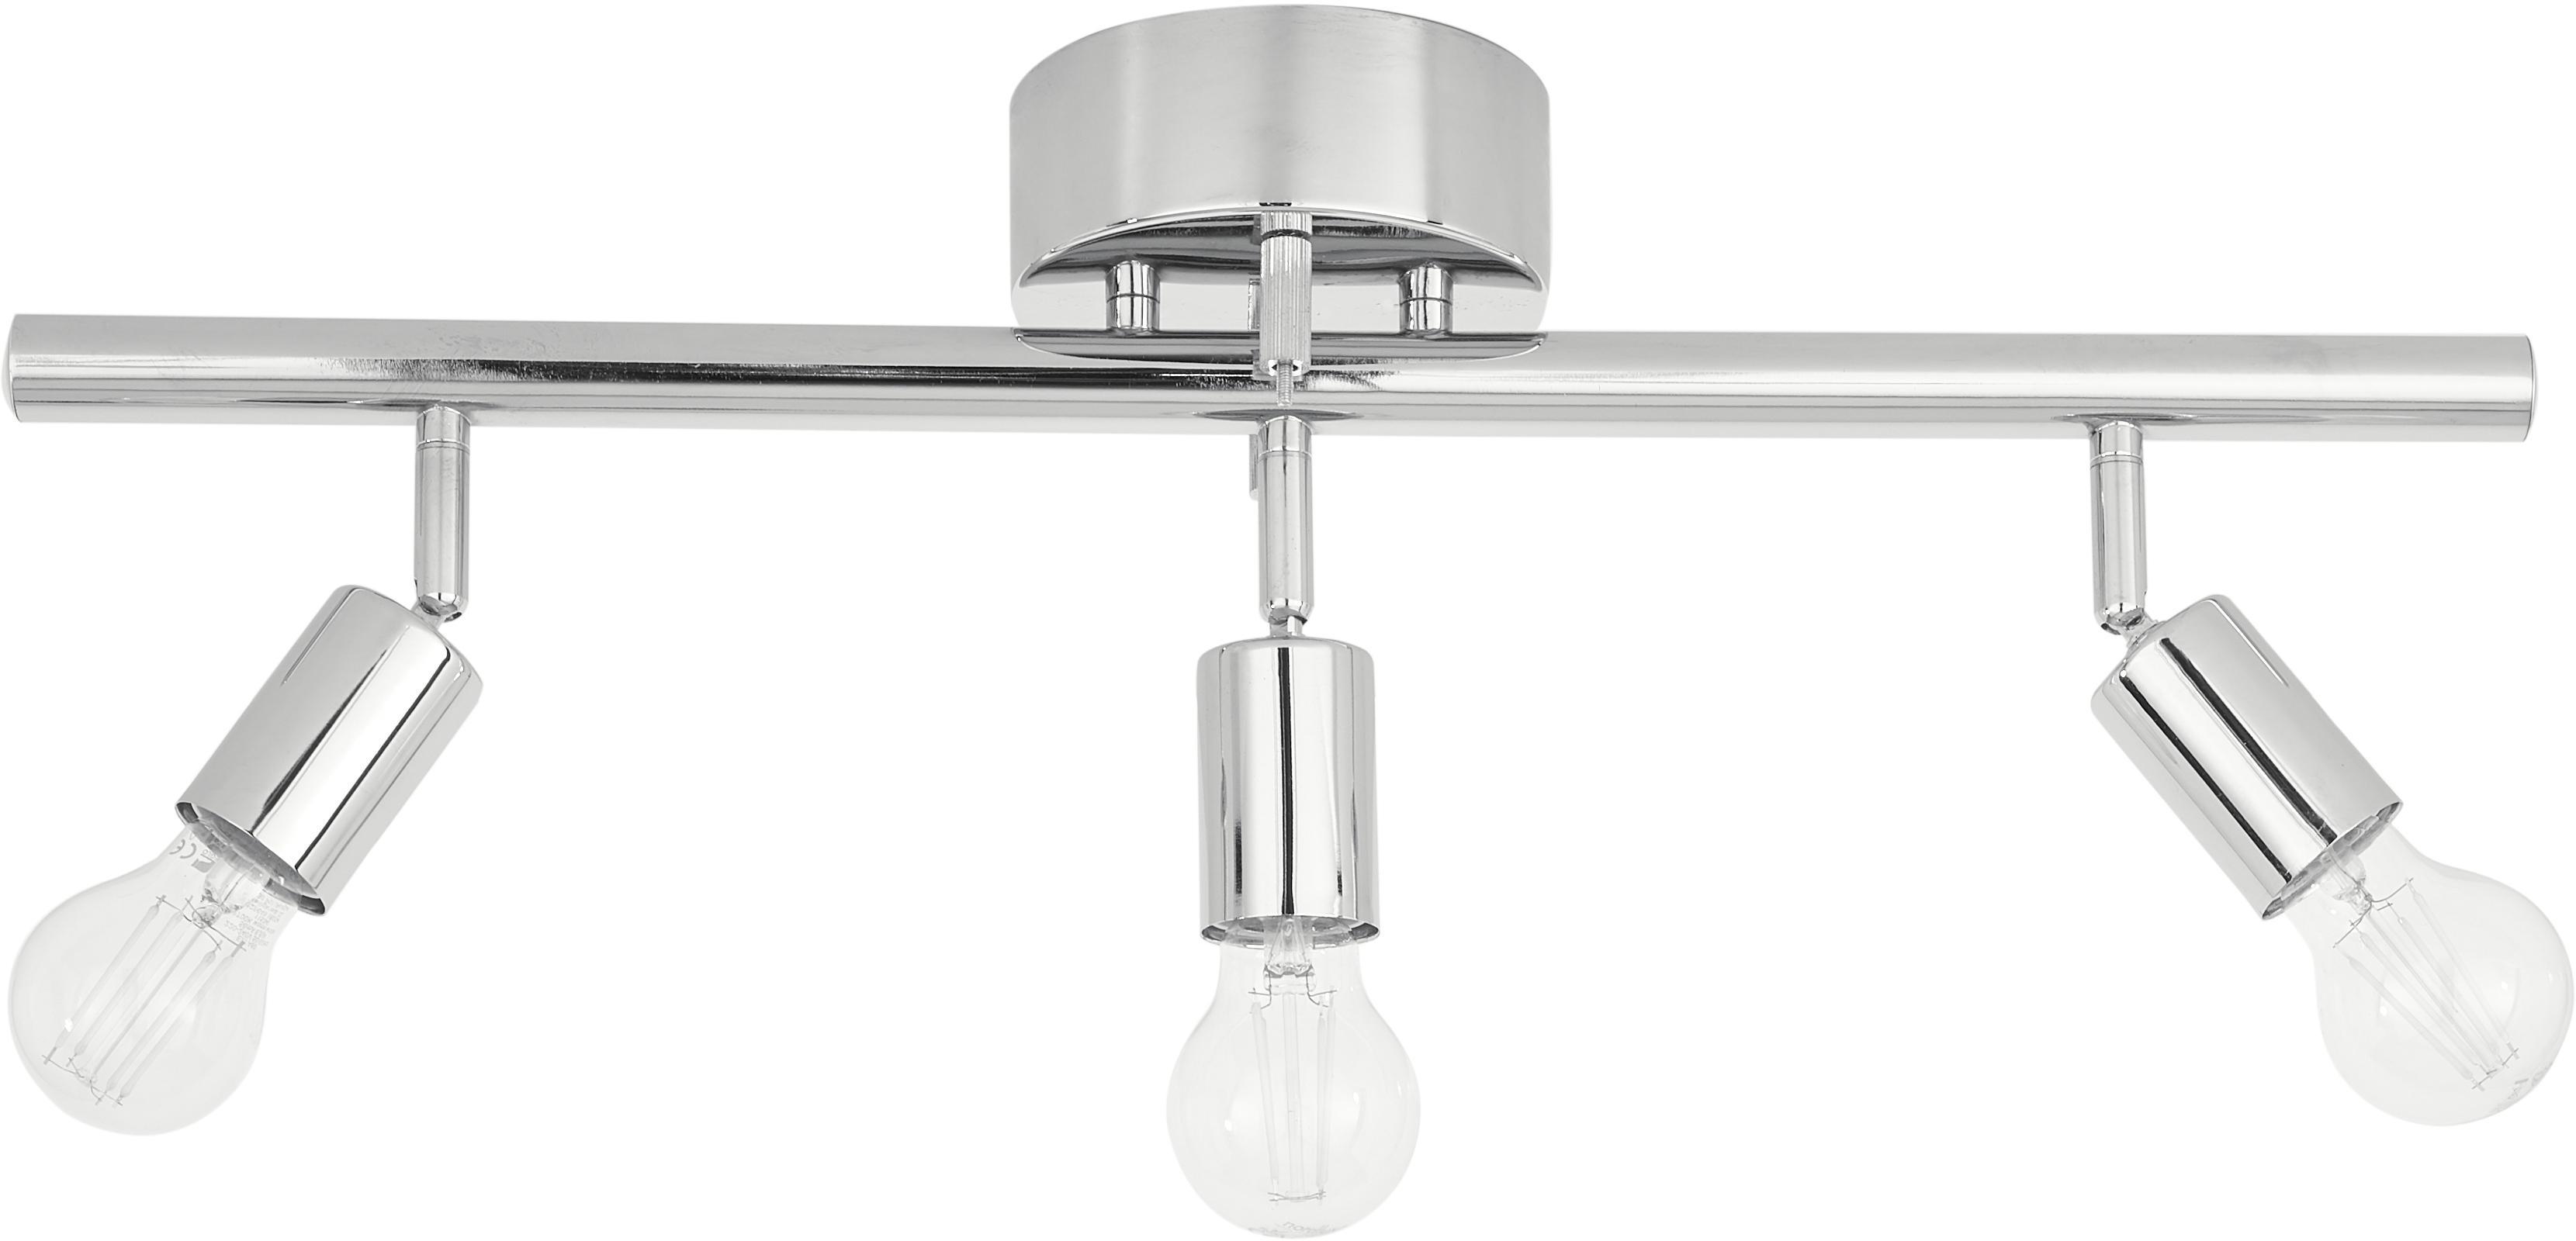 Faretti da soffitto in argento Row, Metallo cromato, Cromo, Larg. 60 x Alt. 20 cm